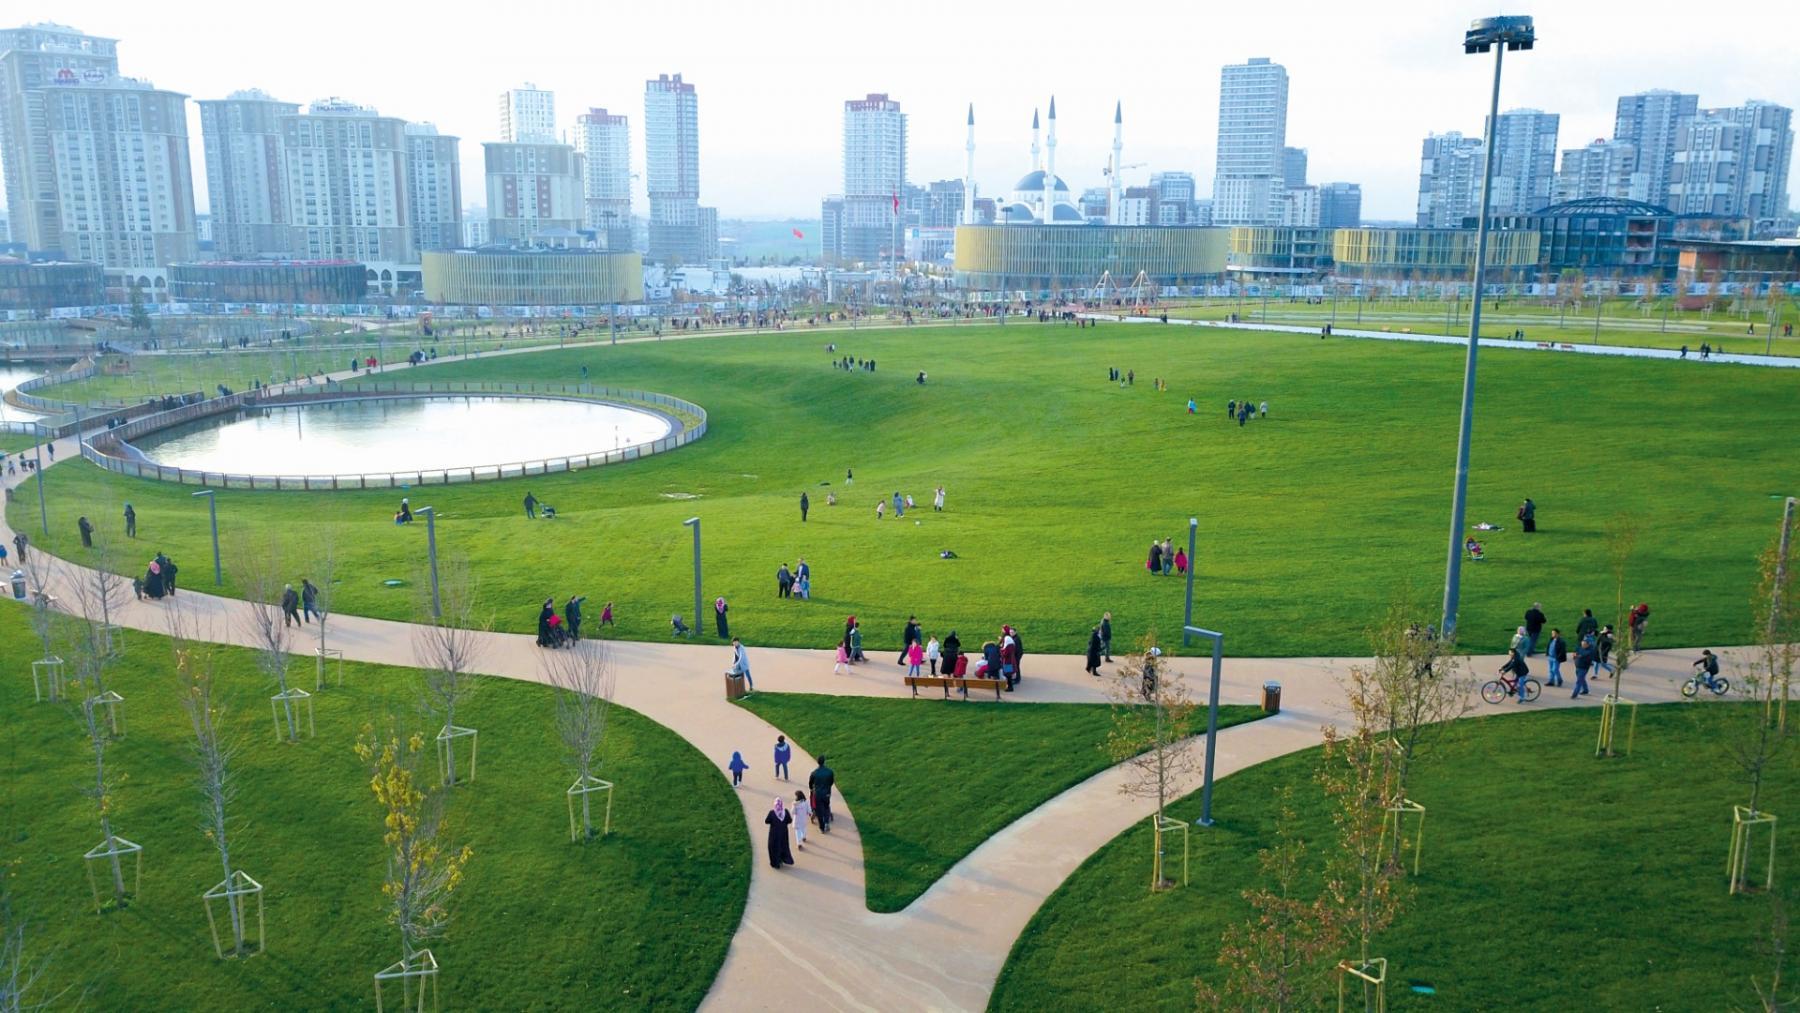 حديقة الشعب في باشاك شهير ... من أجمل الحدائق وأكبرها في أوروبا